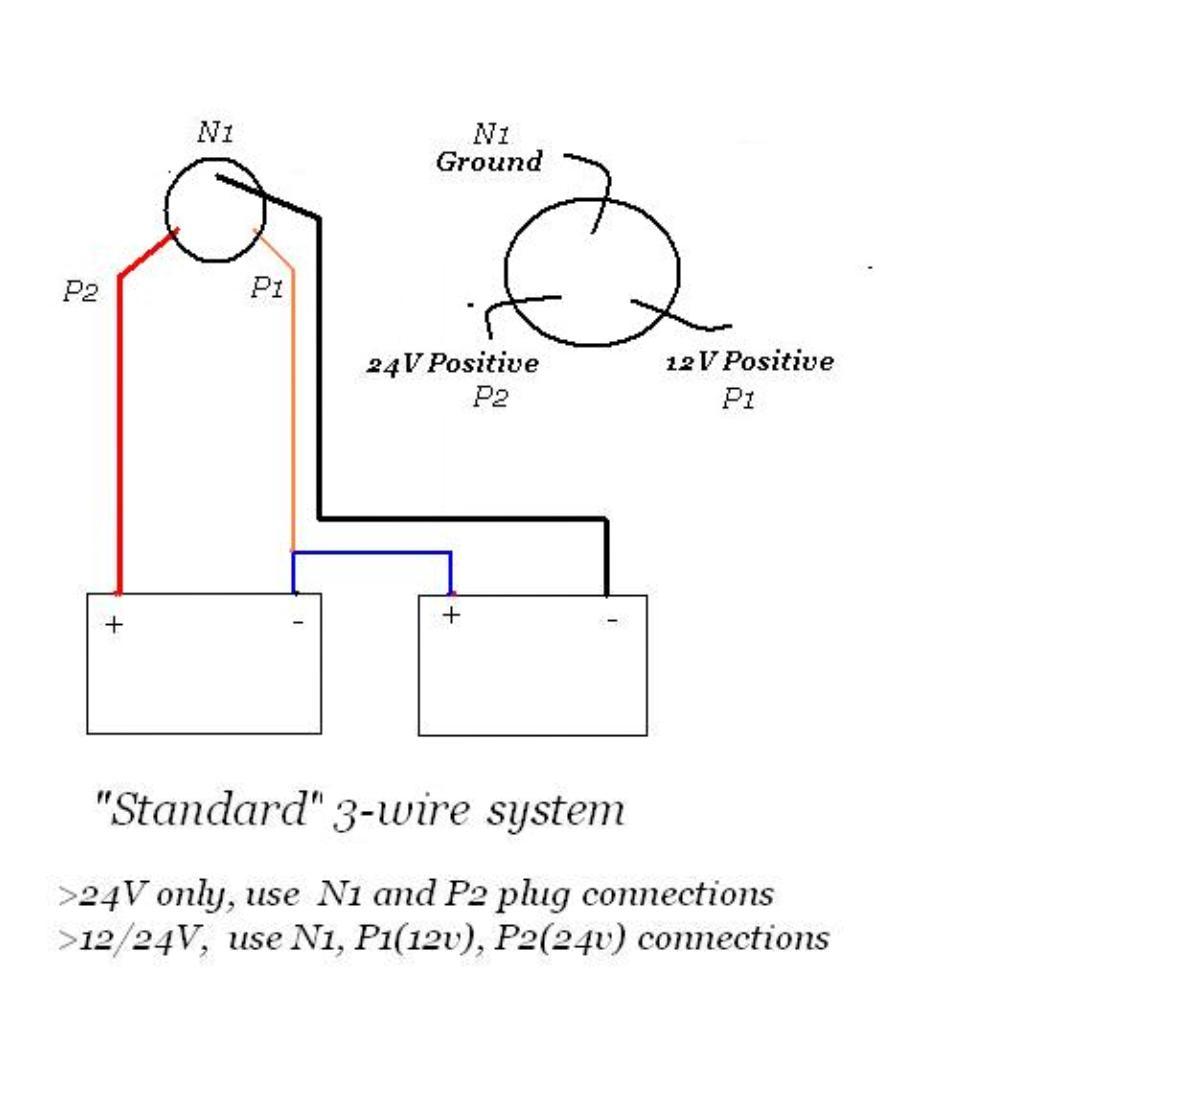 Trolling Motor Plug Wiring Diagram - Database